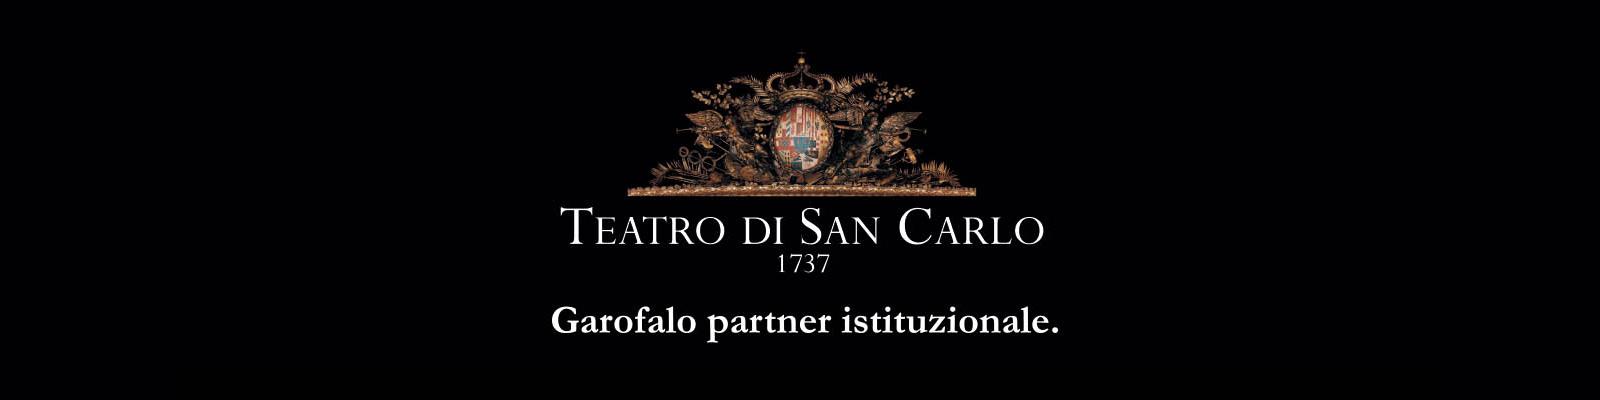 Pasta Garofalo sponsert das Teatro S. Carlo